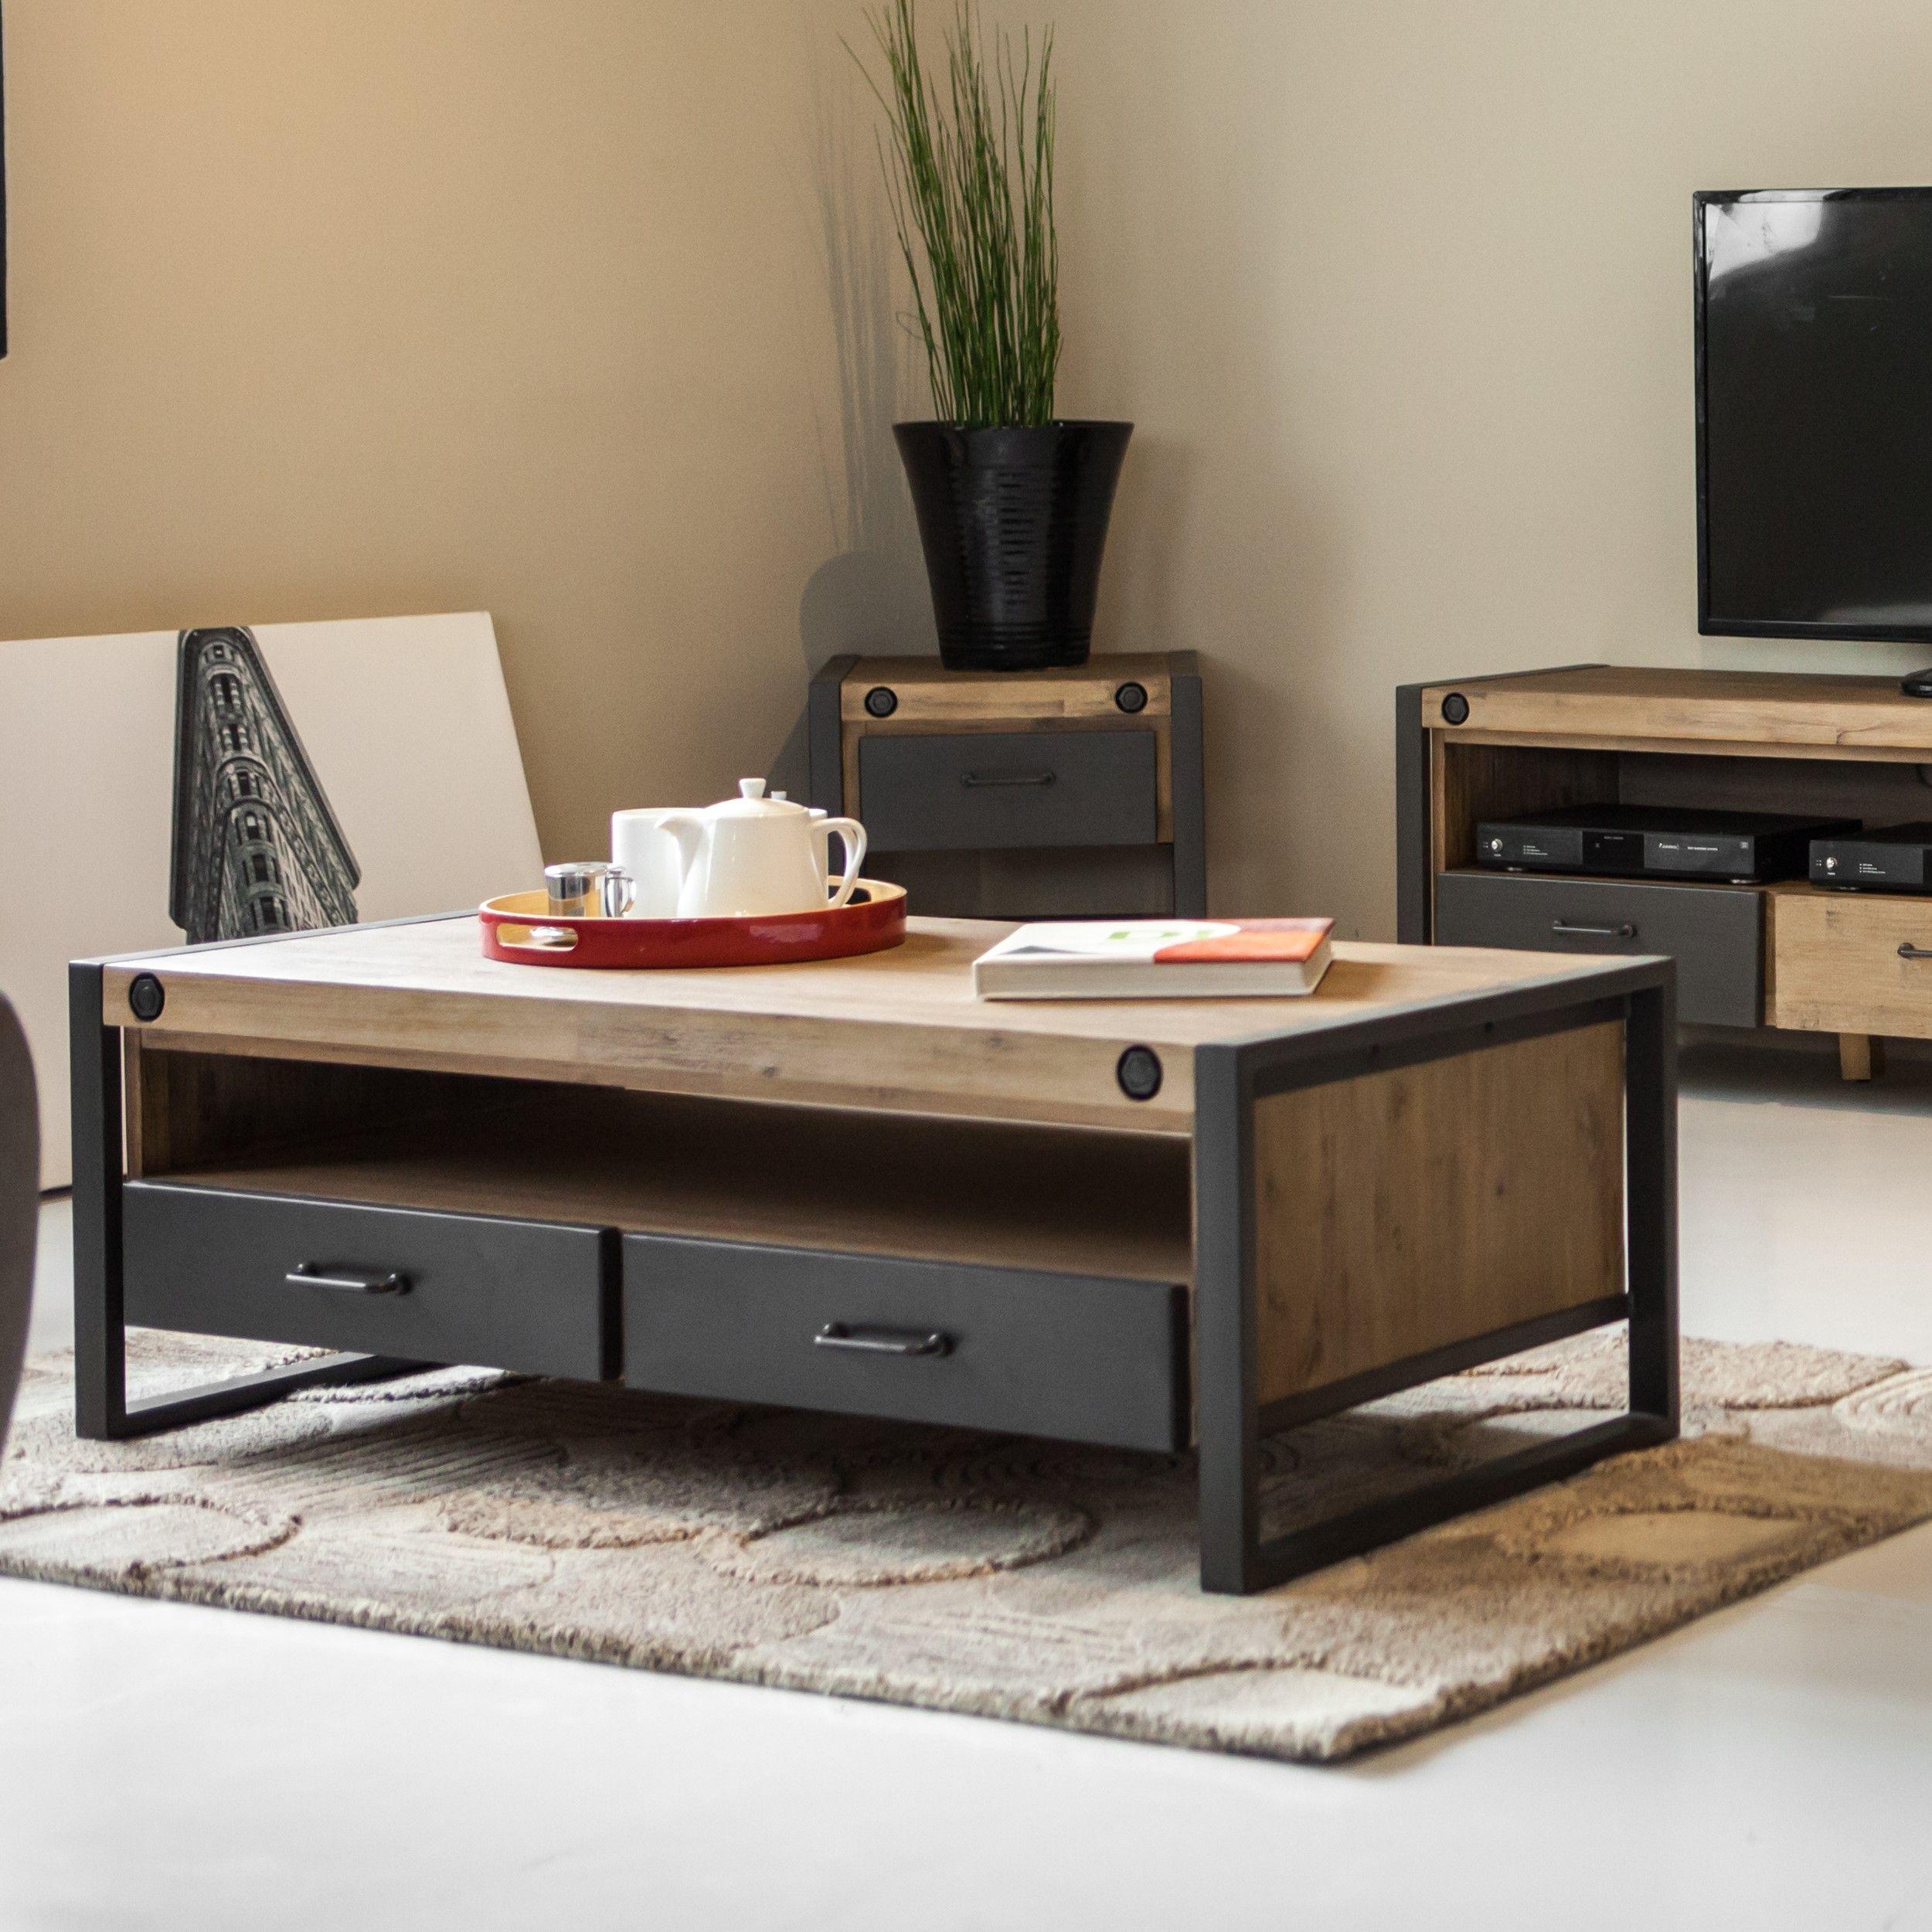 Meuble Tv Table Basse Assorti cuisine & maison banc tv contemporain rustique industriel